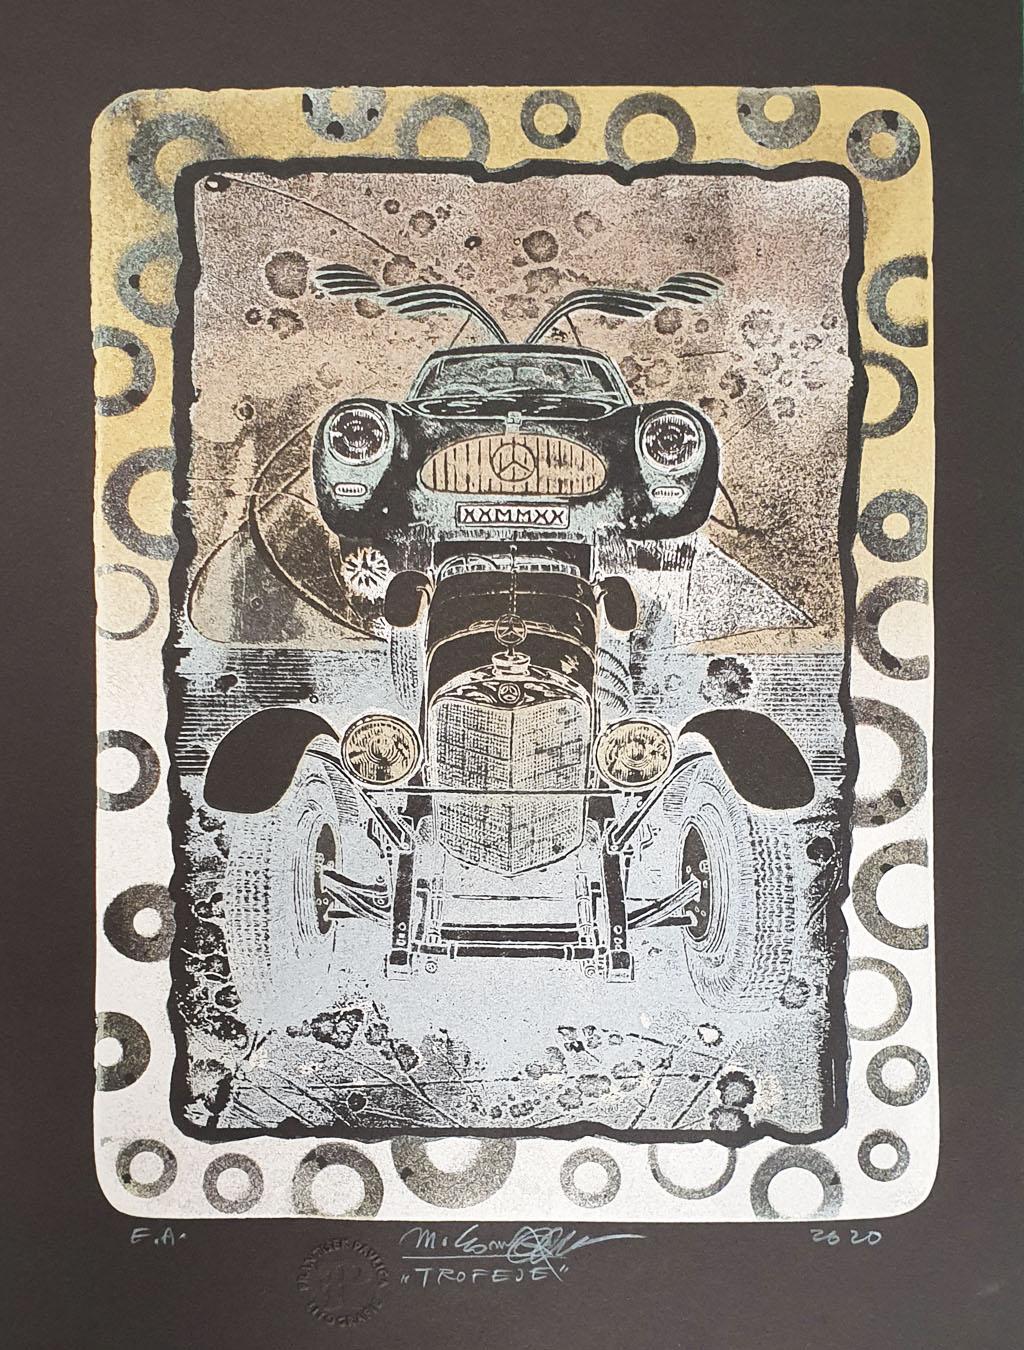 Trofeje čierne Marián Komáček, rámovanie obrazov, výtvarné diela